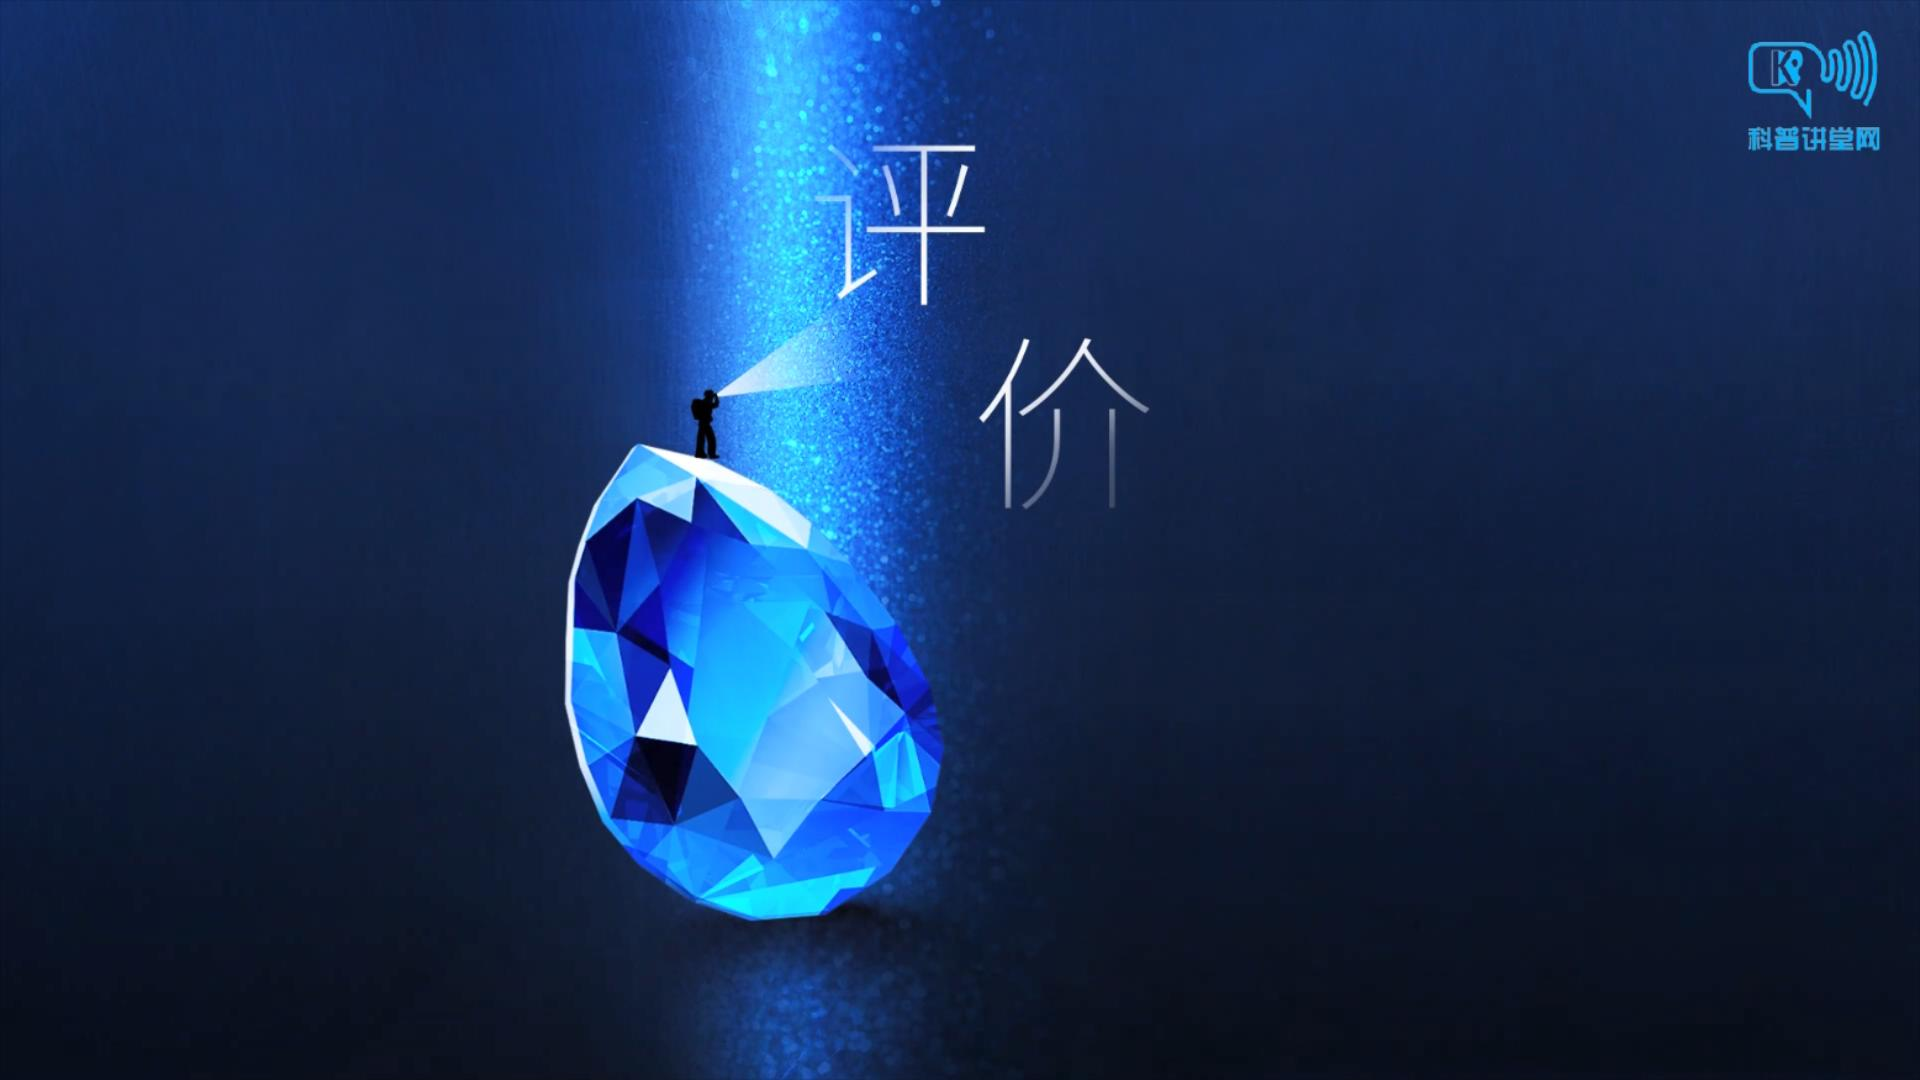 宝石的鉴定与评价:[2.9]静水称重法